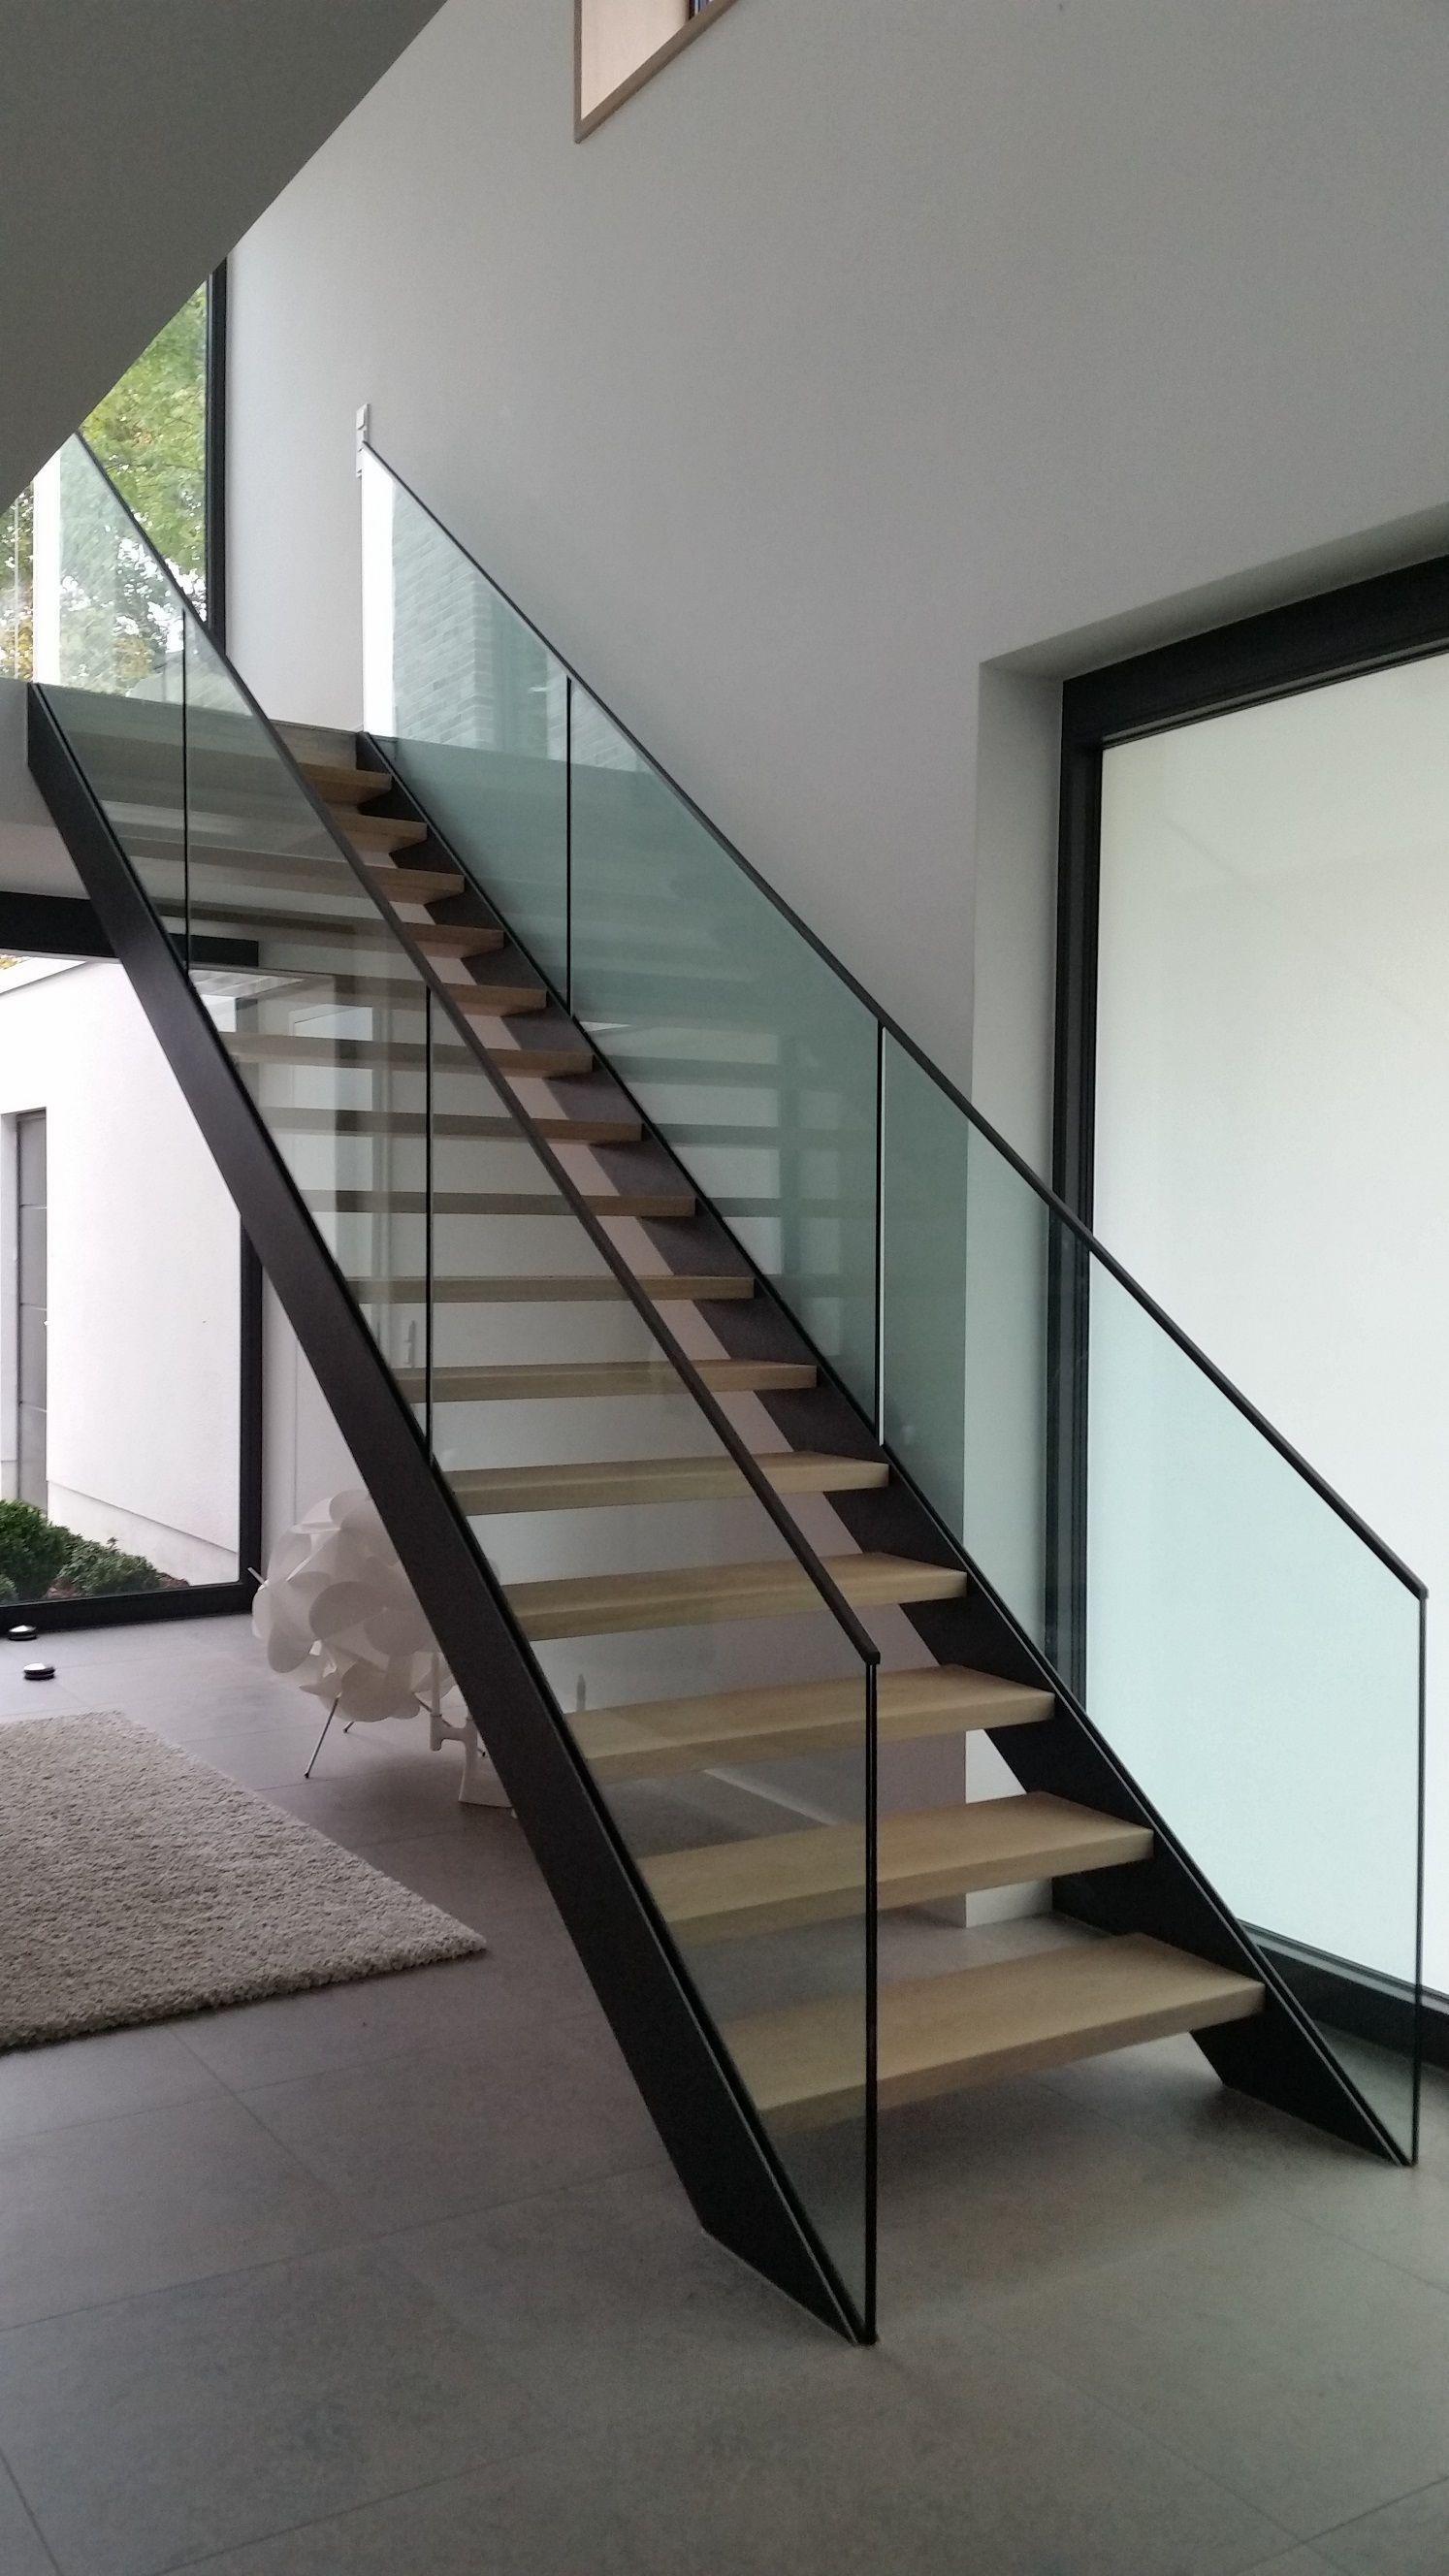 Innentreppen und Geländer - Metallbau Sandmeier #dunkleinnenräume